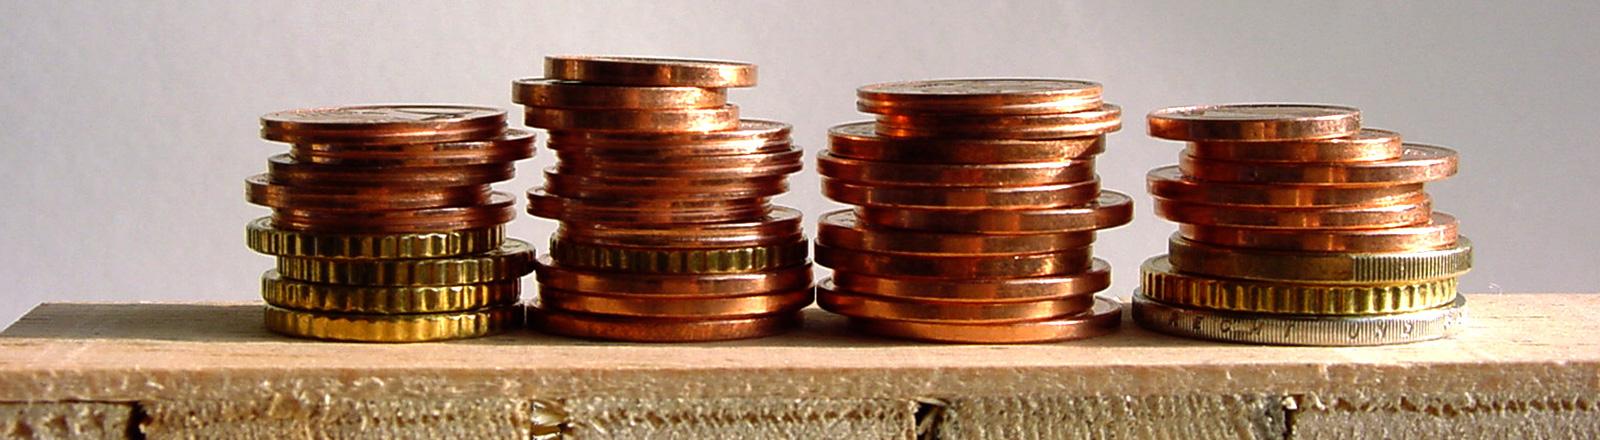 Kleingeld liegt auf einer Holzpalette